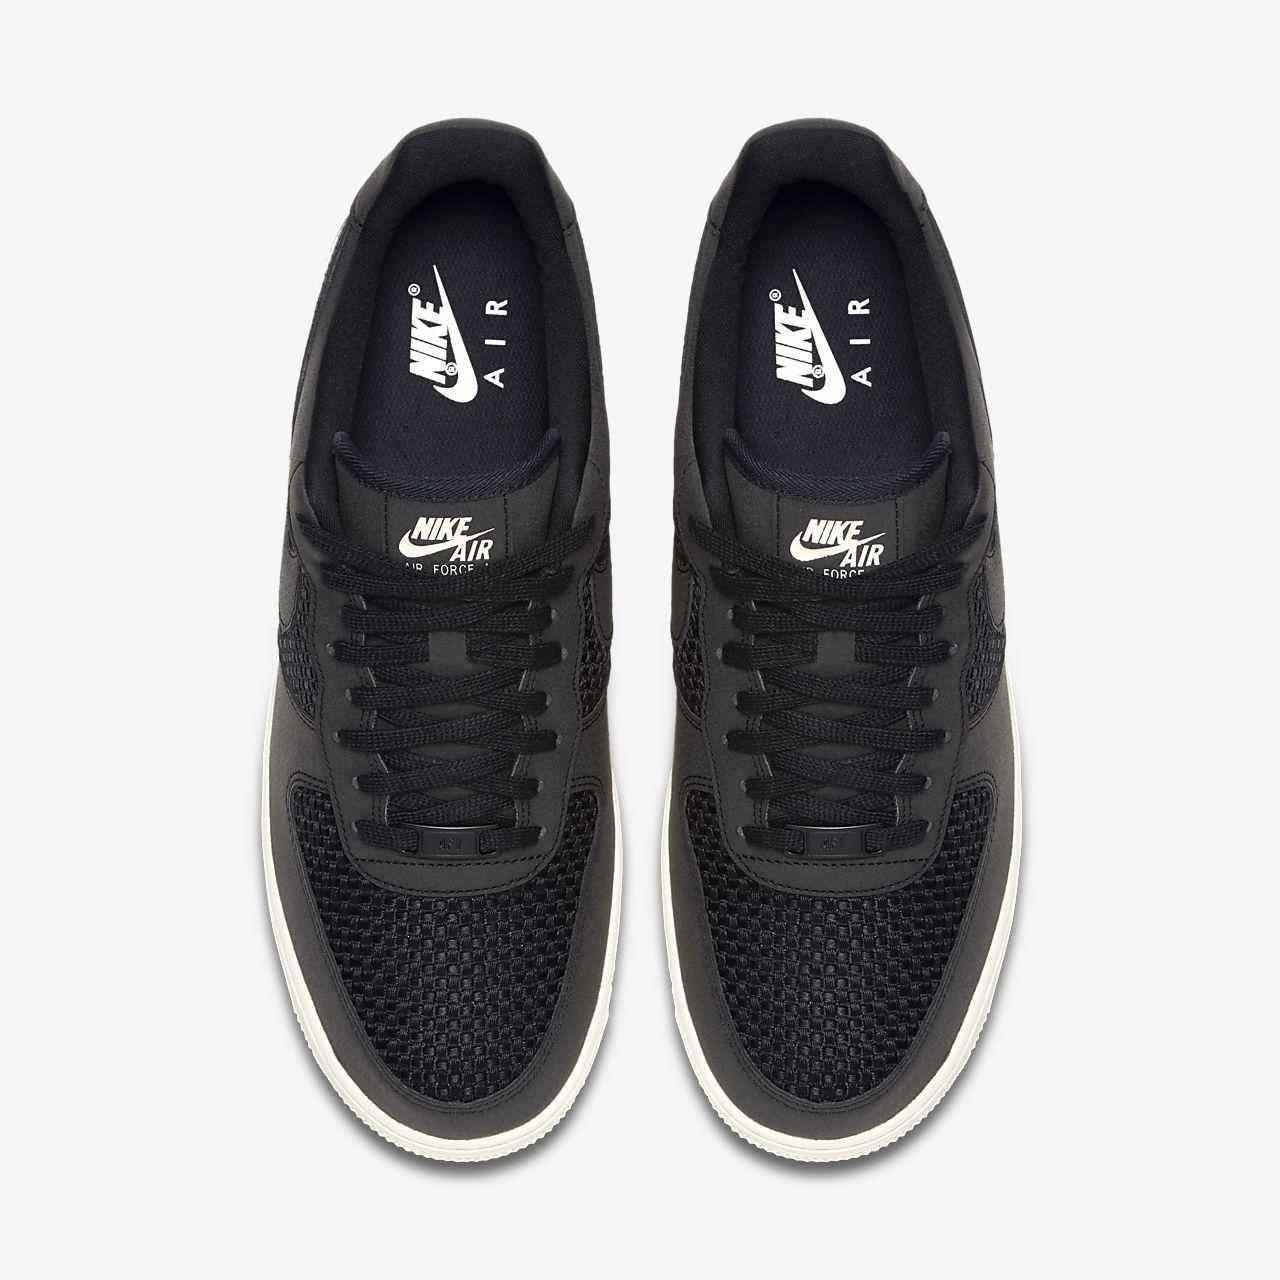 df9d28b8203 Nike Air Force 1 Low Men s Shoe. Nike.com CA